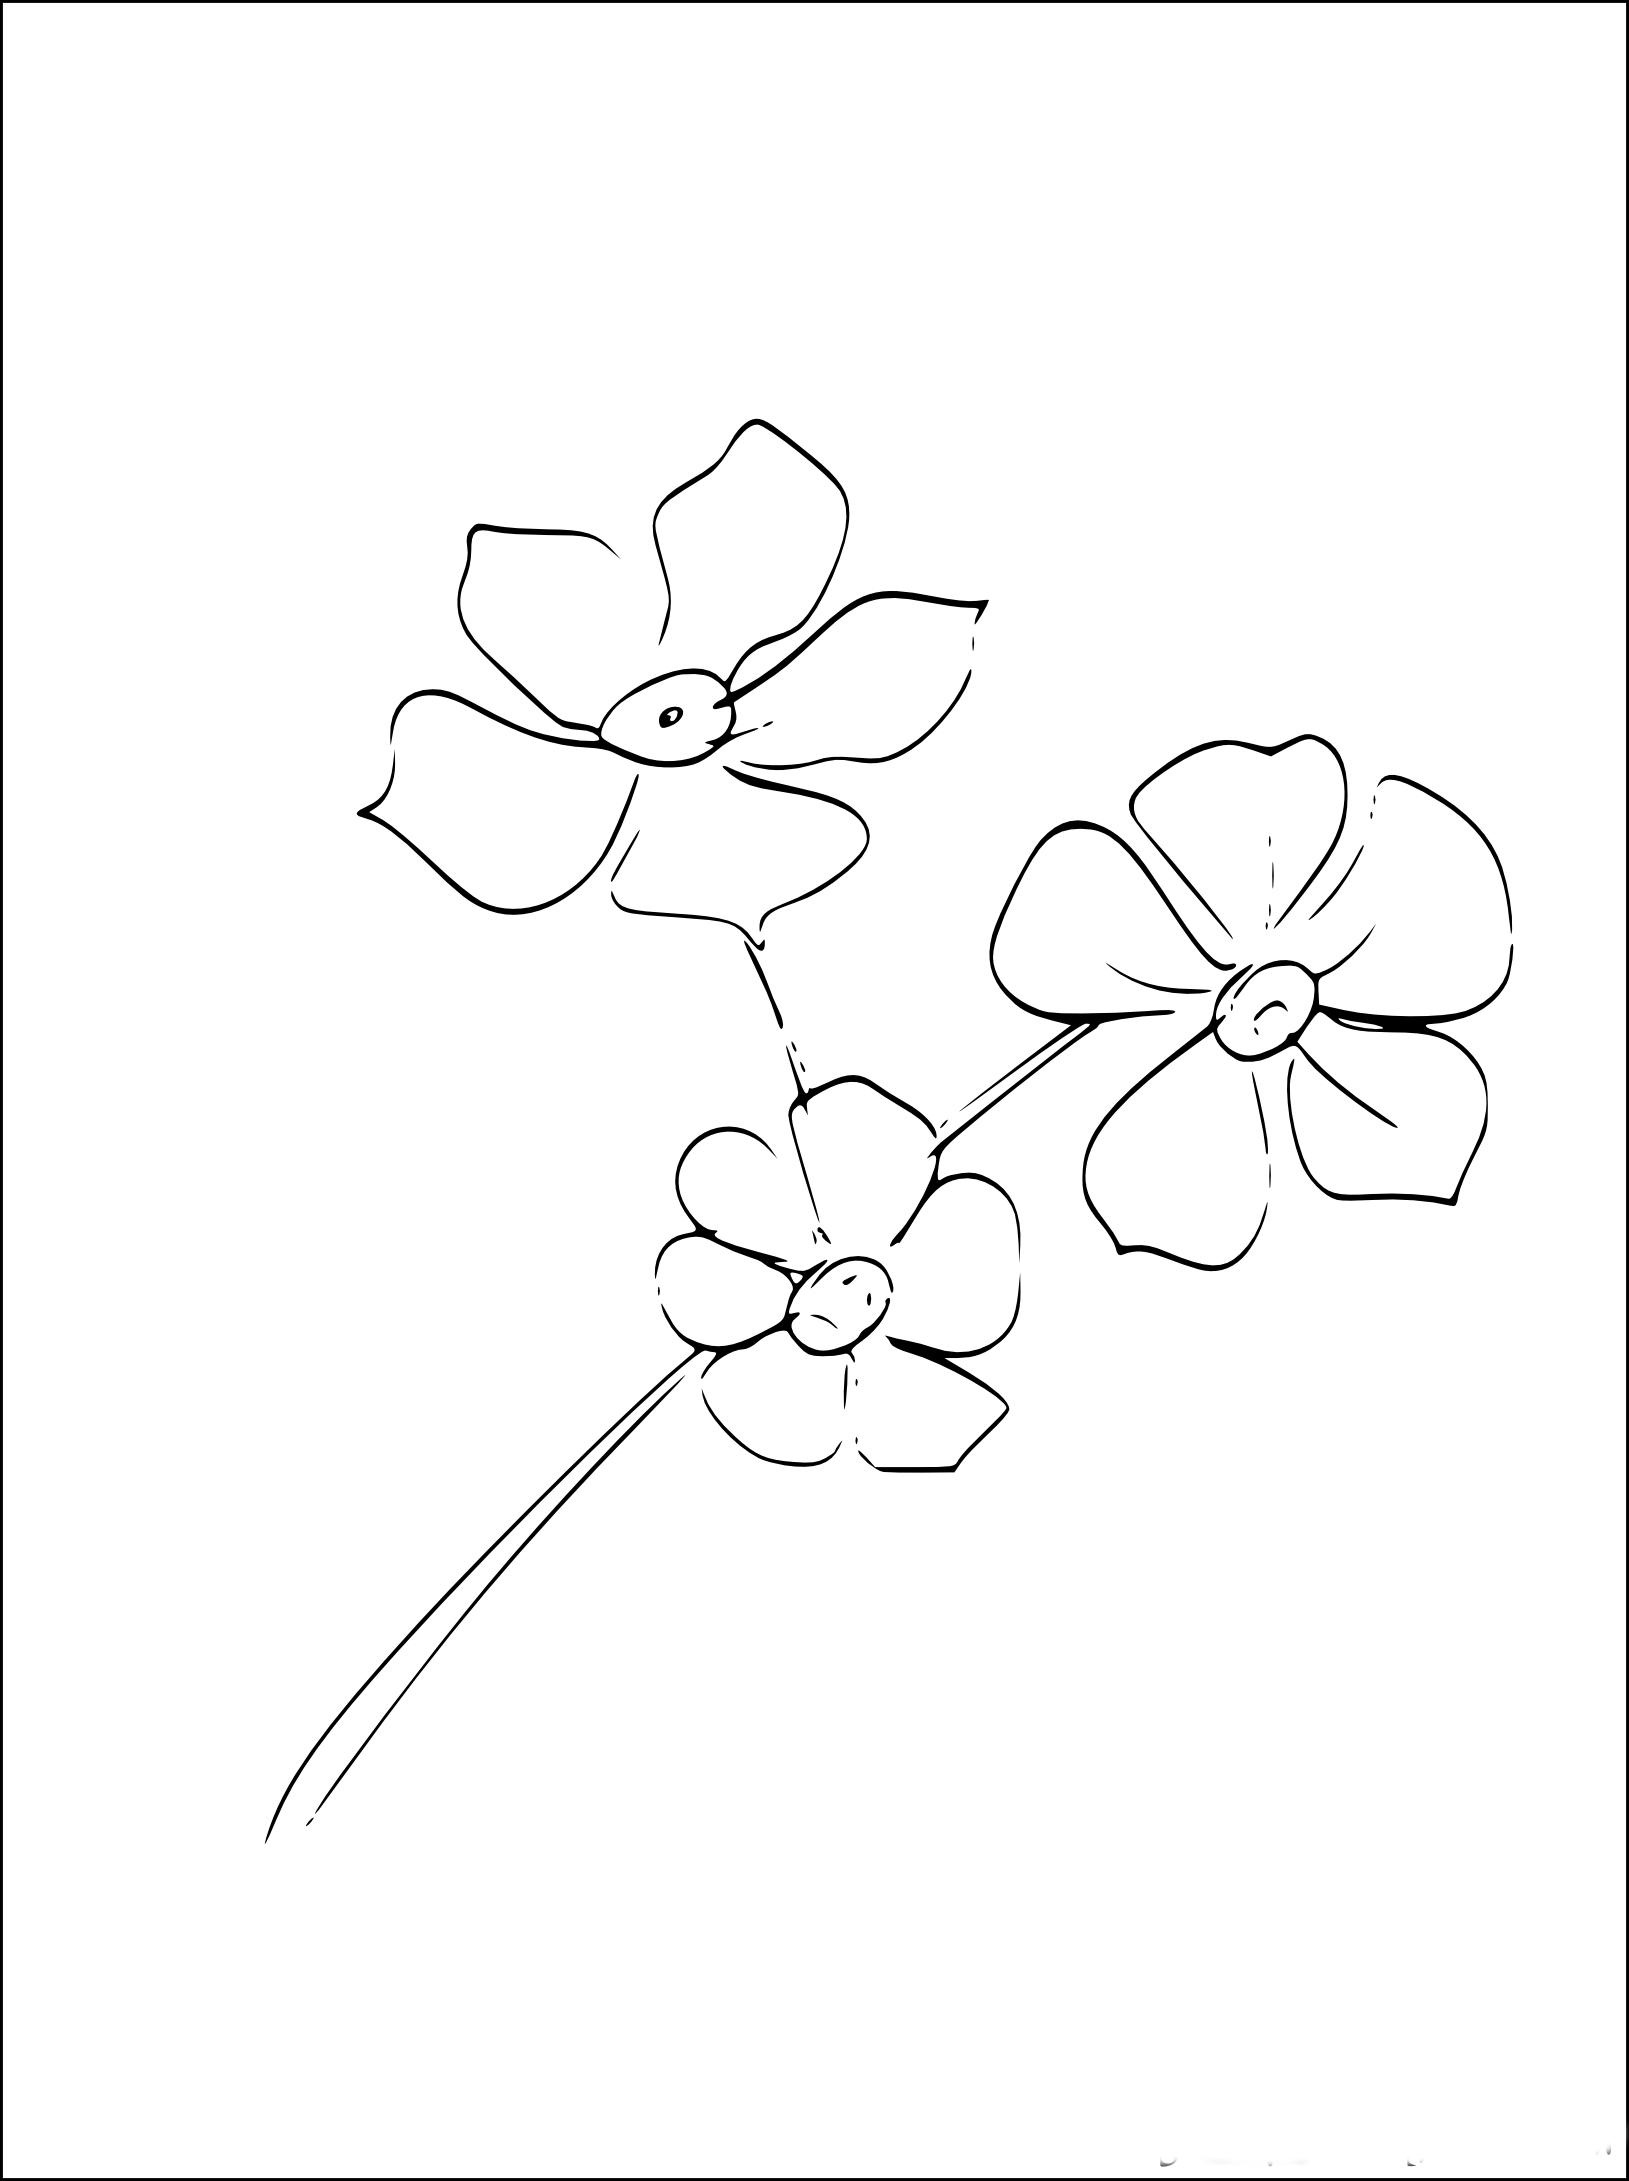 Coloriage Fleur Myosotis.Coloriage Myosotis A Imprimer